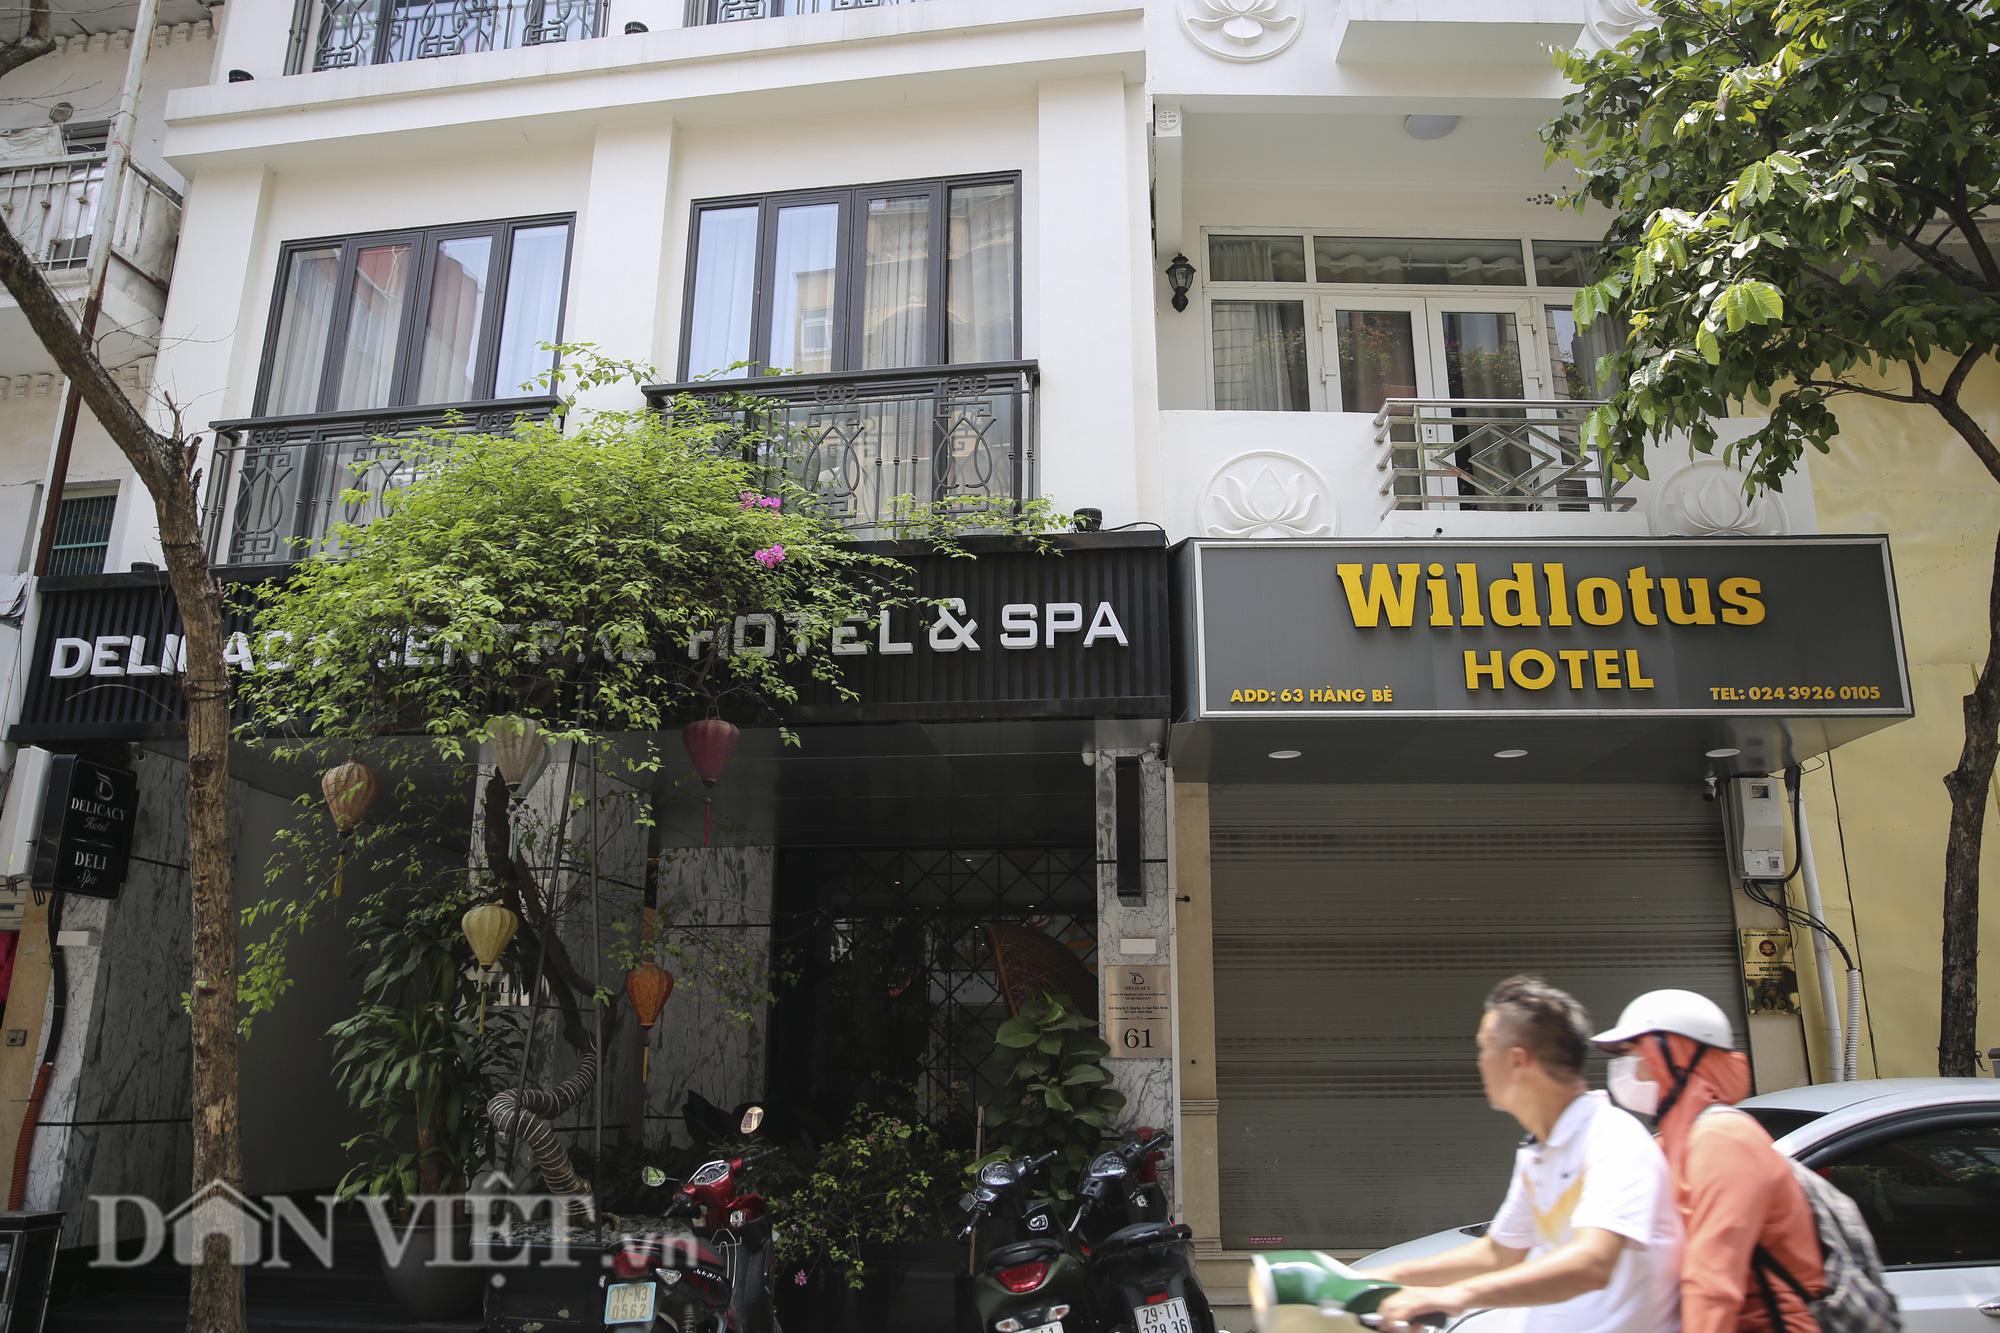 Nhiều khách sạn tại Hà Nội chưa thể mở cửa sau dịch Covid-19 - Ảnh 5.